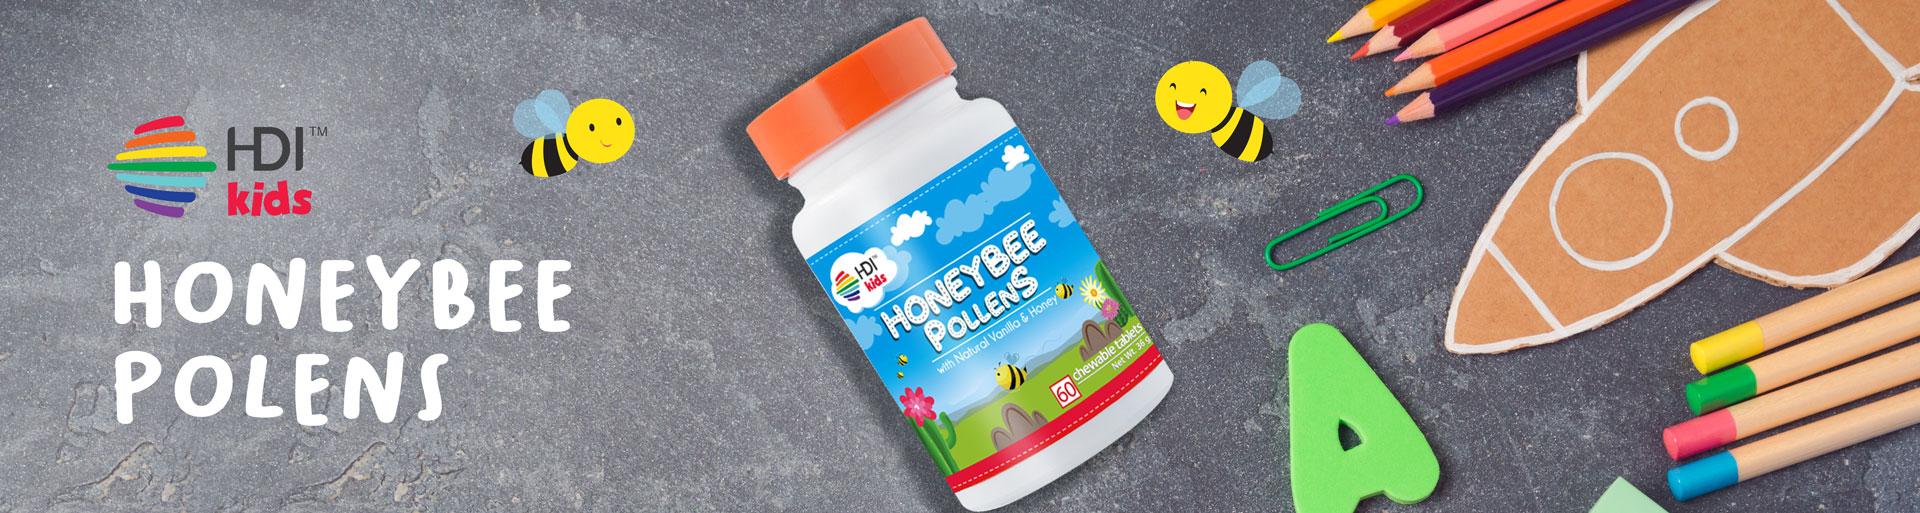 Manfaat Honey Bee Pollens